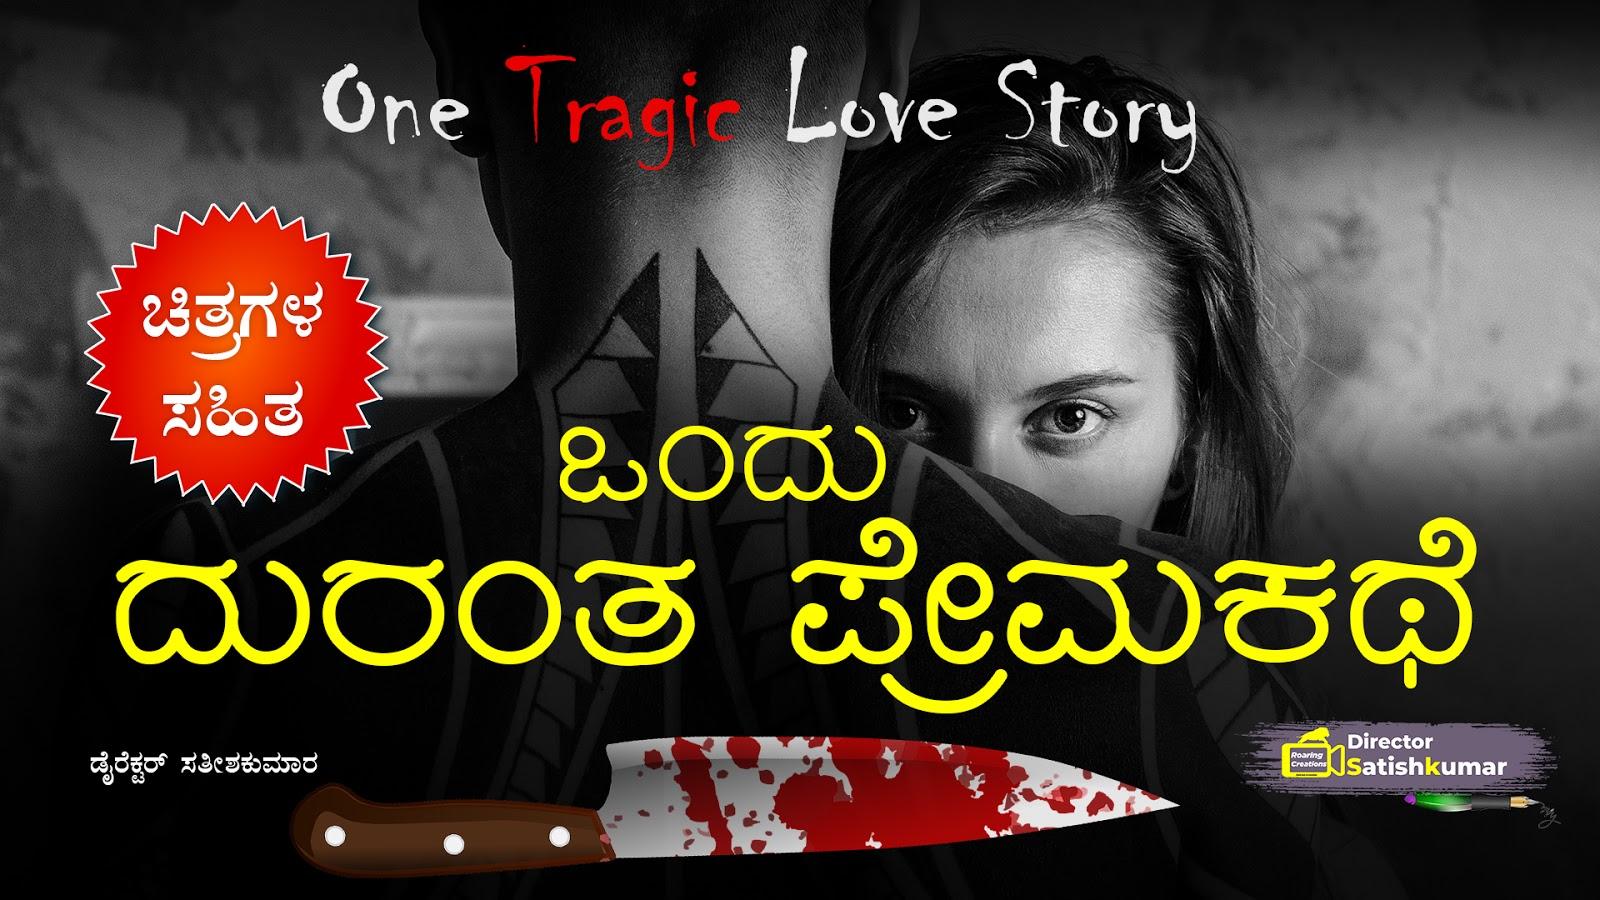 ಒಂದು ದುರಂತ ಪ್ರೇಮಕಥೆ  - Kannada Tragic Love Story - ಕನ್ನಡ ಕಥೆ ಪುಸ್ತಕಗಳು - Kannada Story Books -  E Books Kannada - Kannada Books